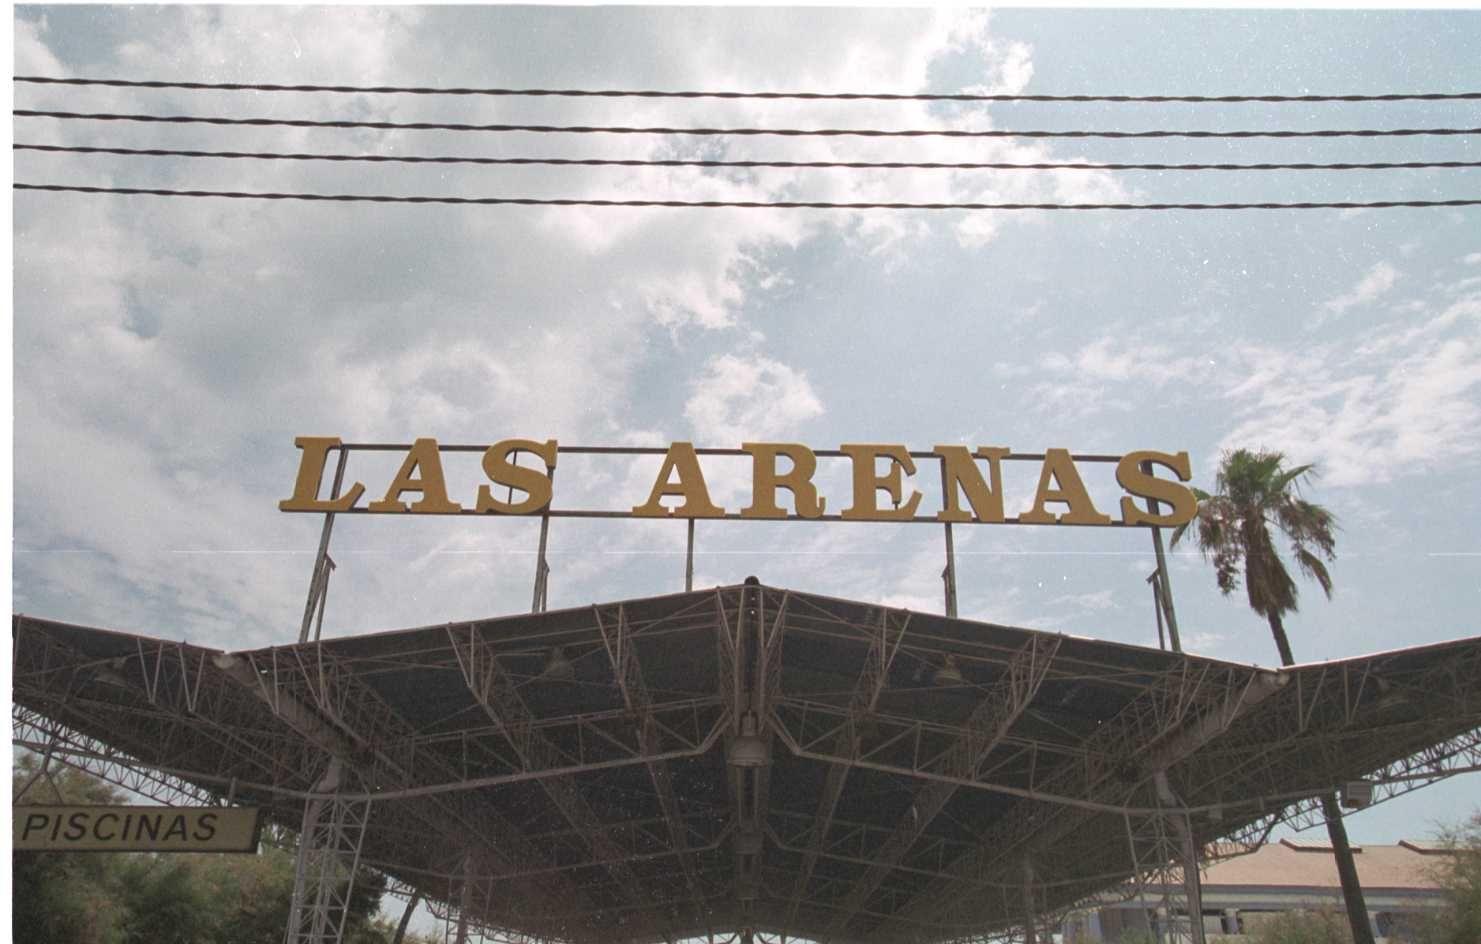 ¿Te acuerdas de...? Así eran las Piscinas de Las Arenas en el año 2000